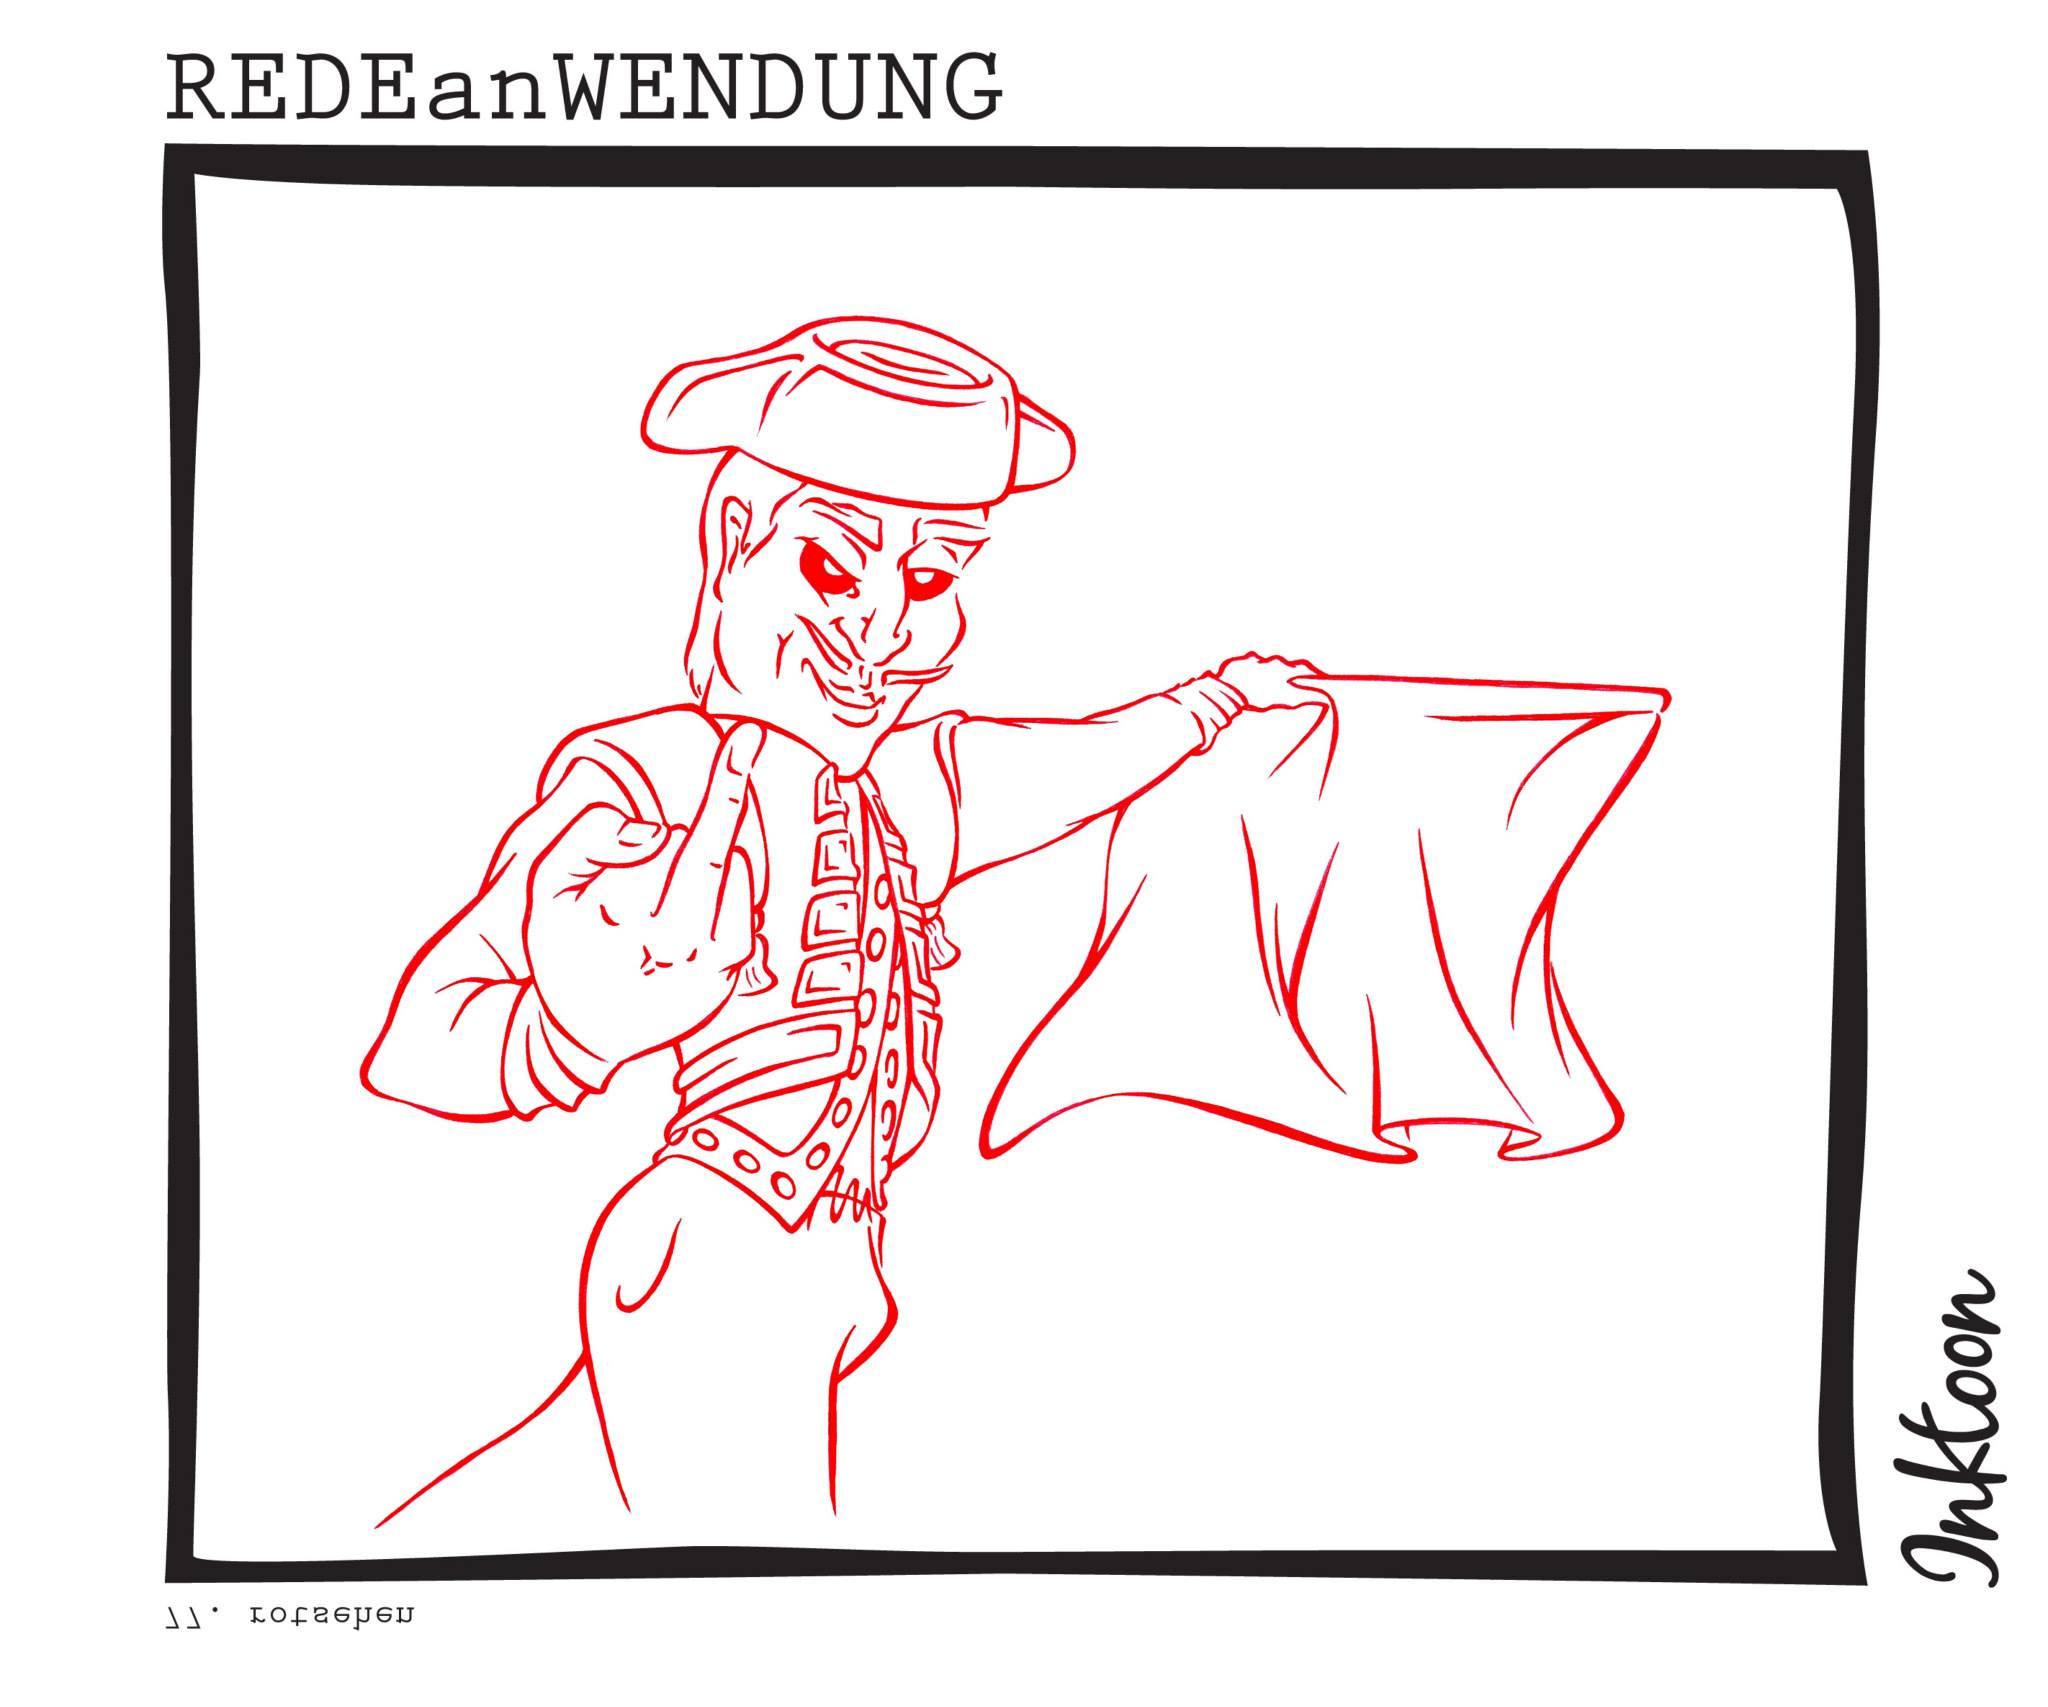 Was sieht man wenn man sehr wütend wird oder zornig ist rotsehen rot sehen Redewendung Redeanwendung Bilderrätsel toon inktoon Illustration Grafik Sprichwort Bild